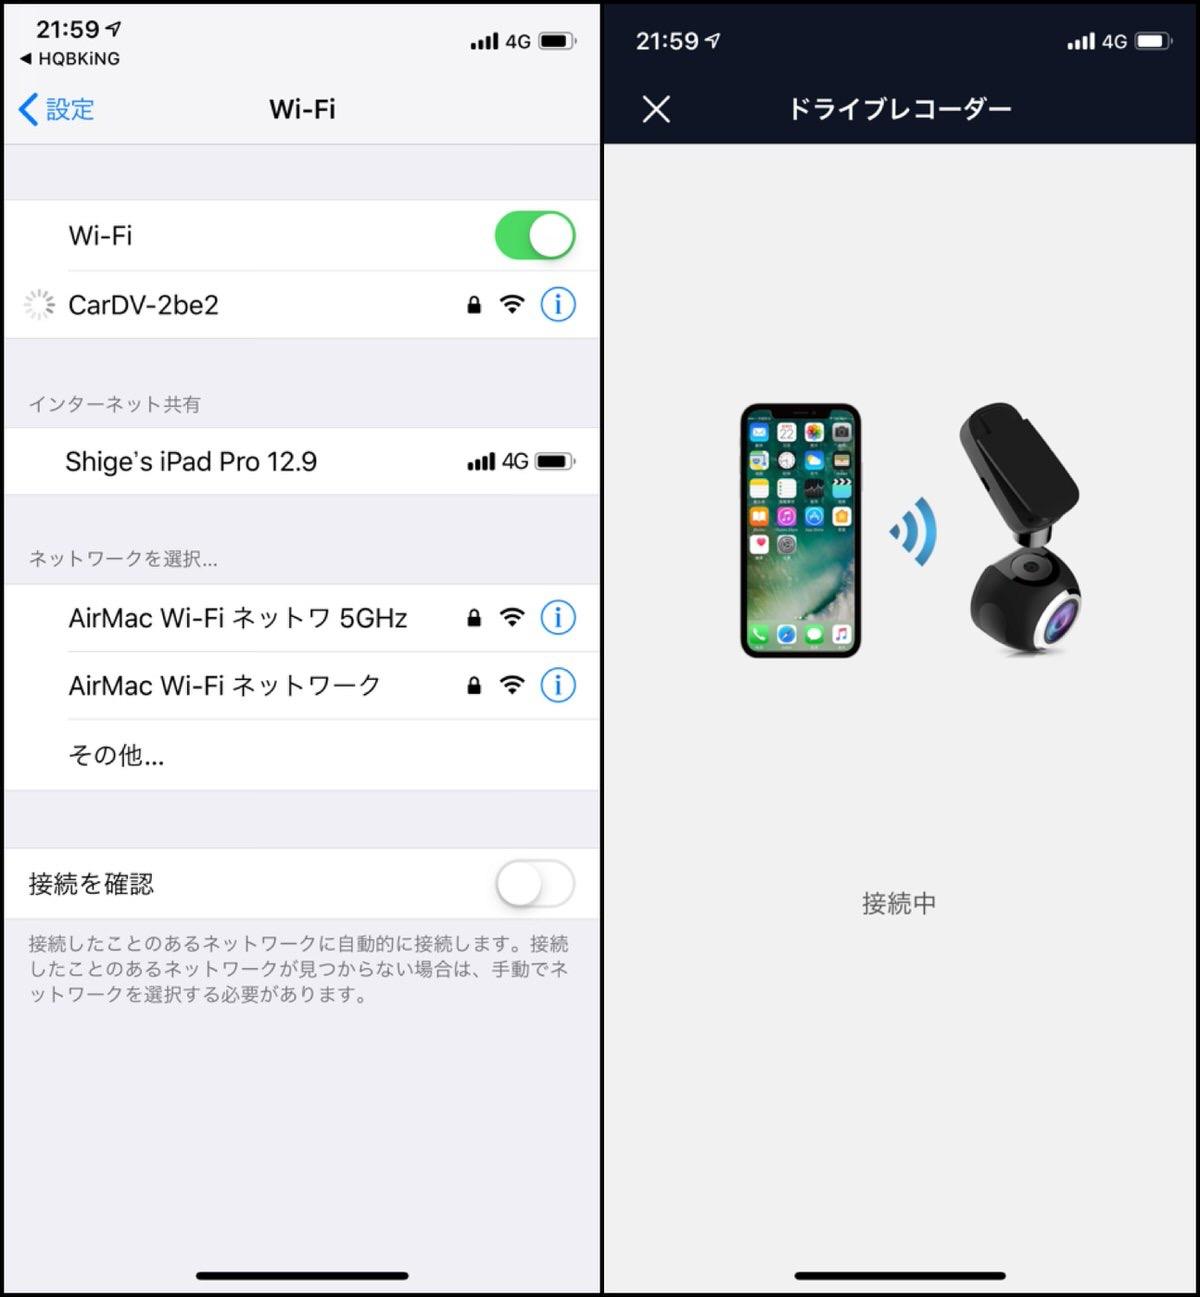 ドライブレコーダー WiFi【2018年最新版】HQBKiNG WiFi ドラレコ 1080PフルHD SONYセンサー搭載−2